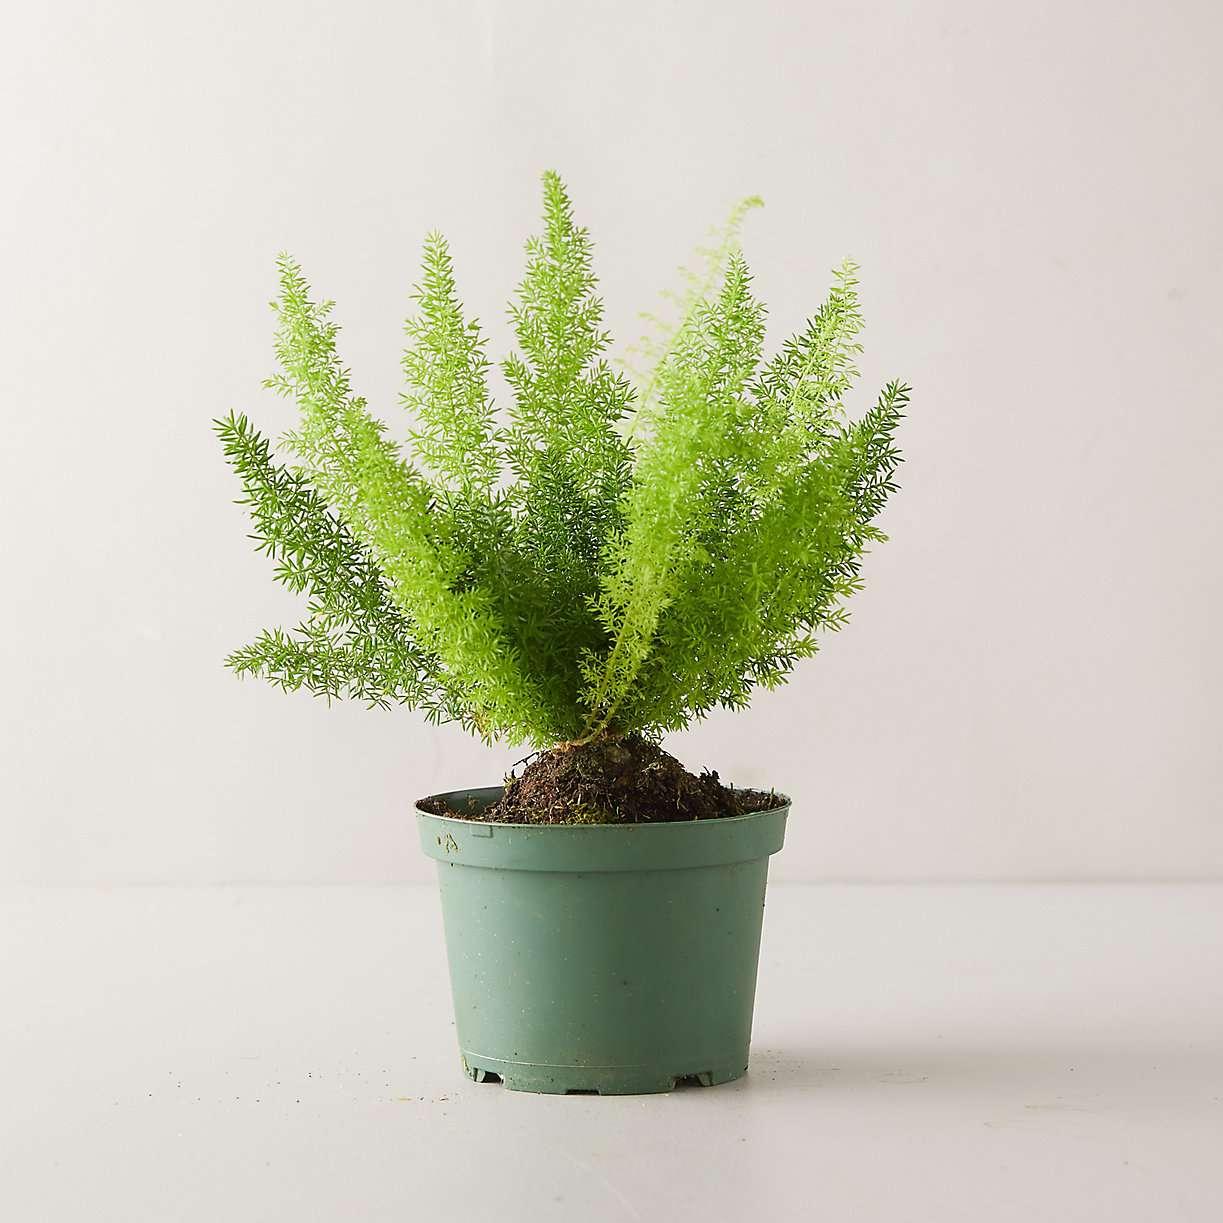 Foxtail fern in a green grower's pot